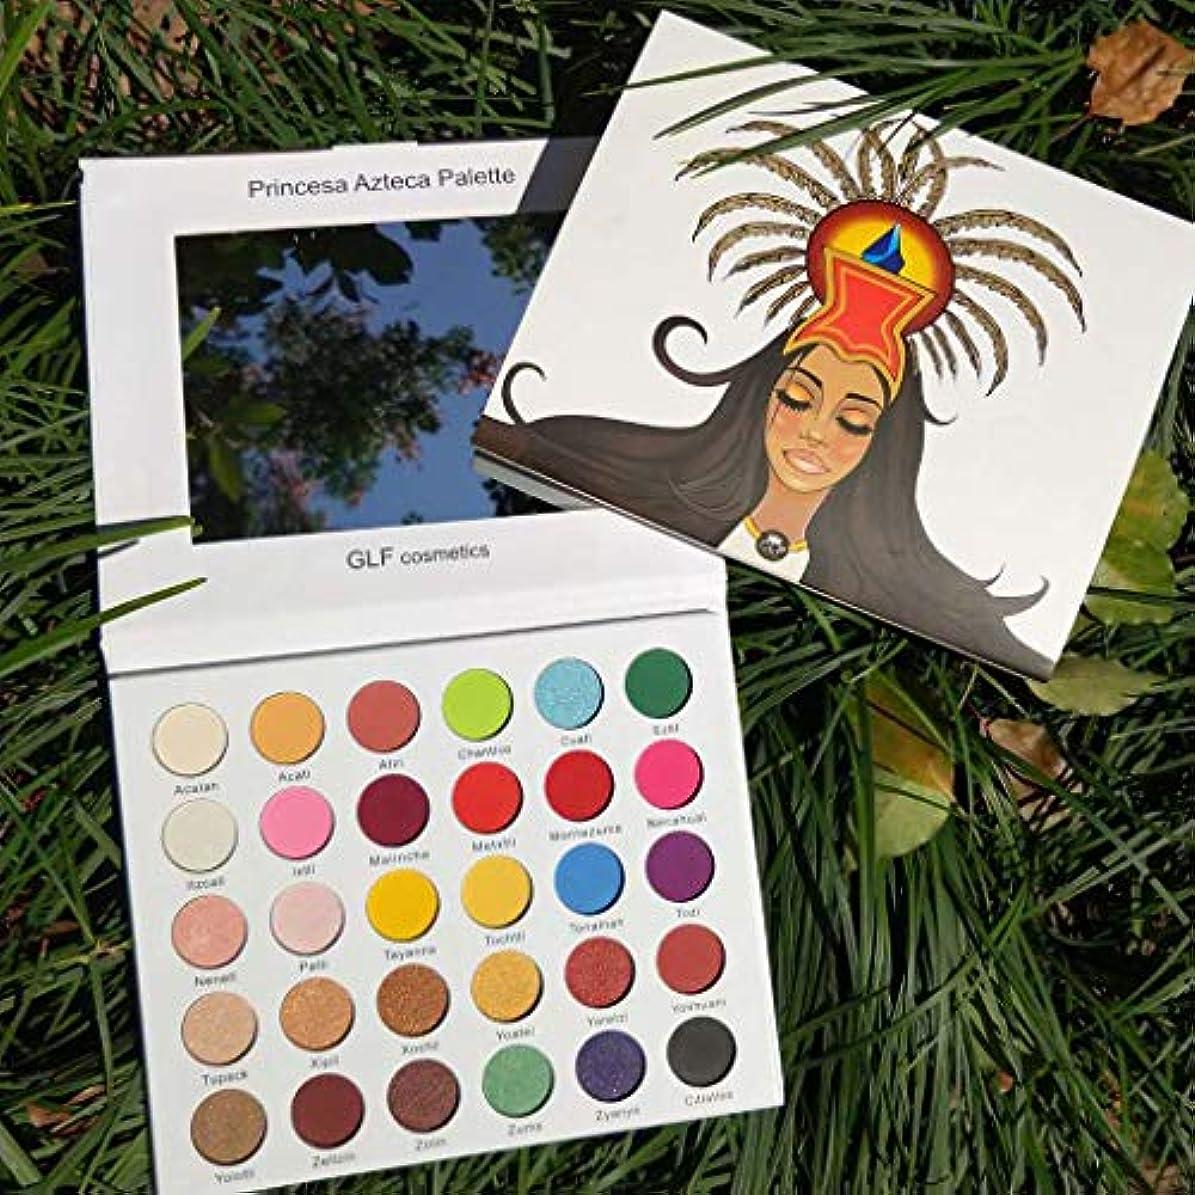 王子ビルマとげAkane アイシャドウパレット 超綺麗 アステカの王女 マット ファッション おしゃれ キラキラ つや消し 人気 長持ち 持ち便利 Eye Shadow (30色)